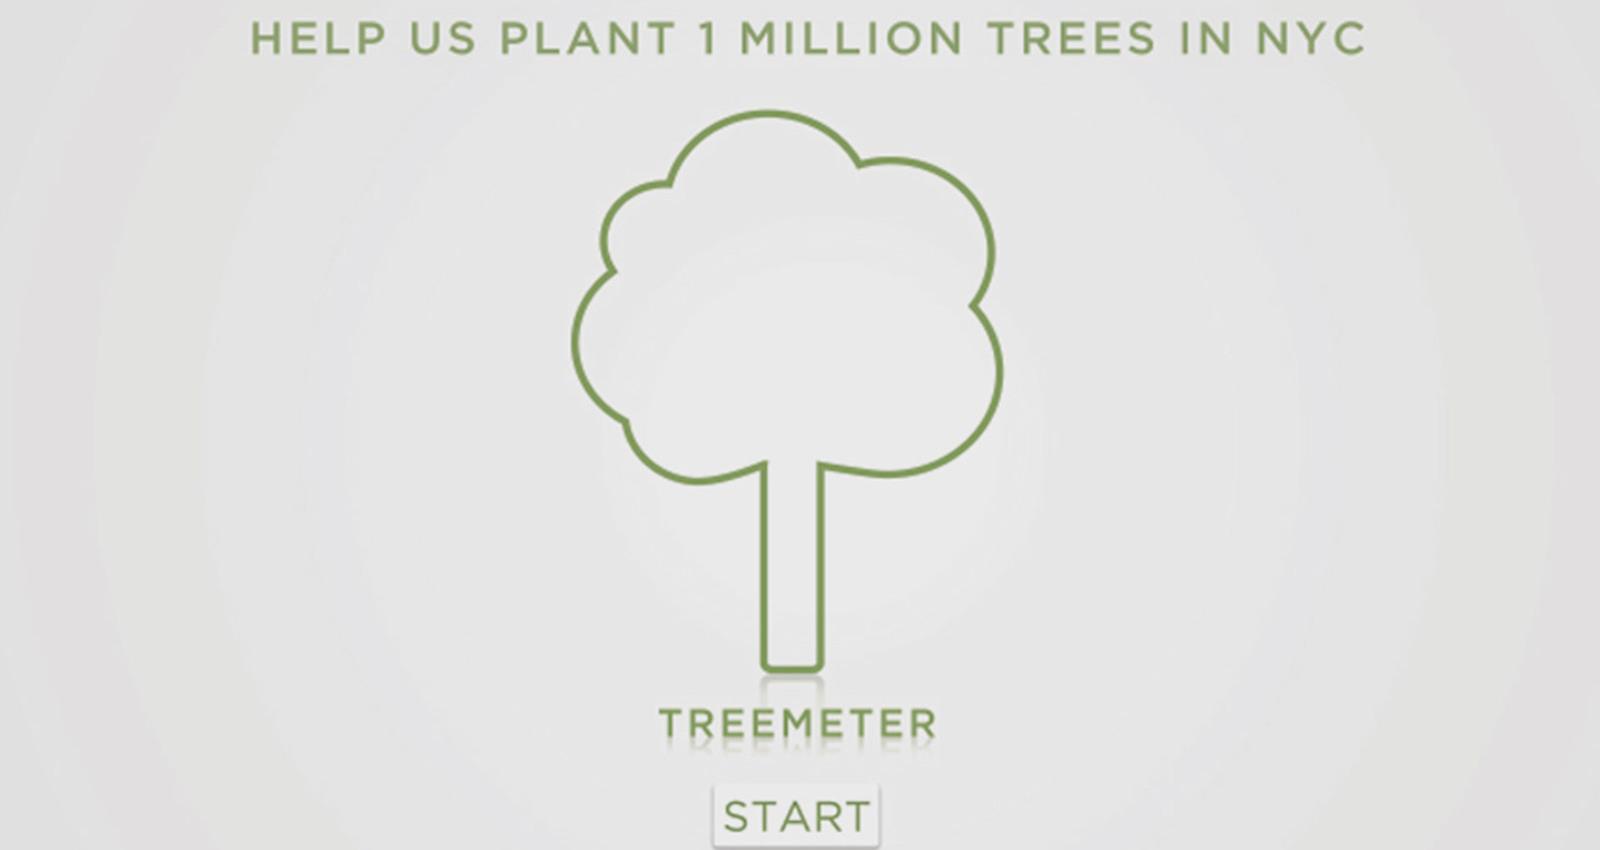 Treemeter